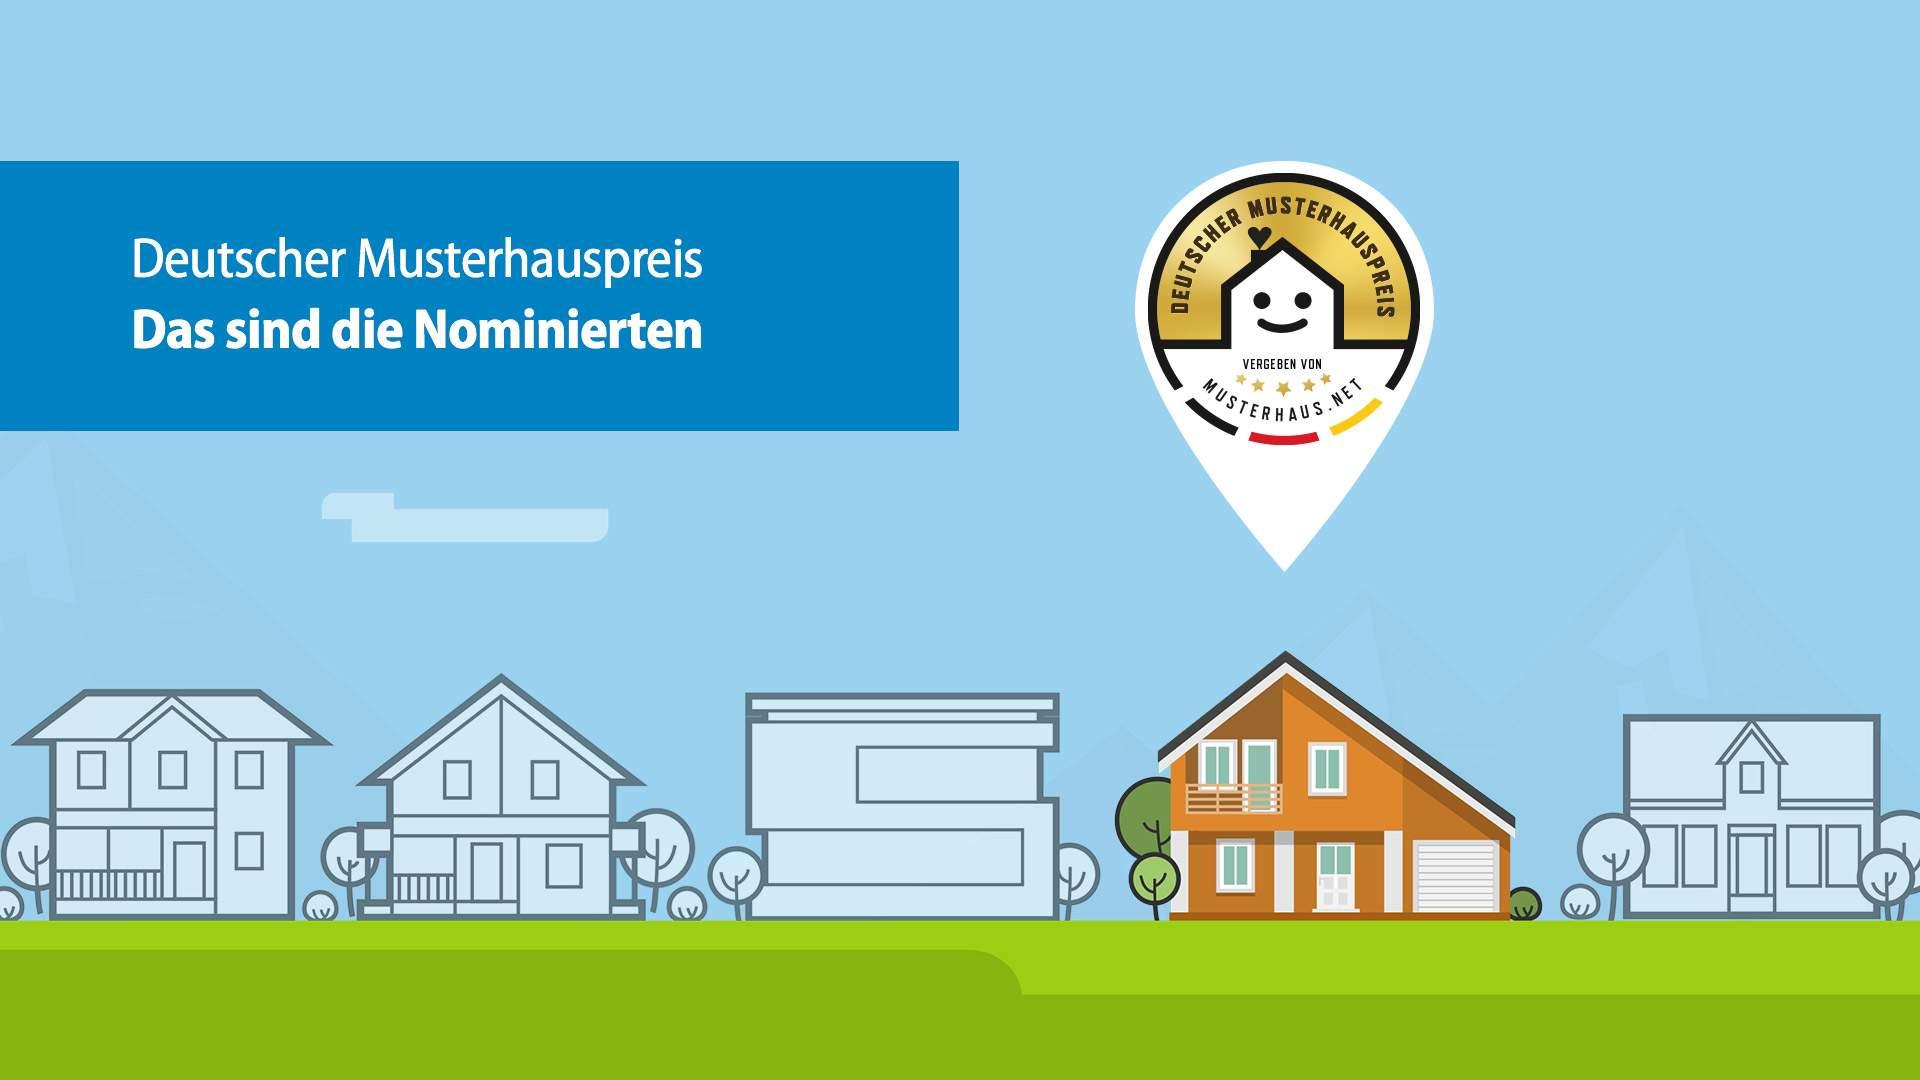 Deutscher Musterhauspreis 2017 Nominierte